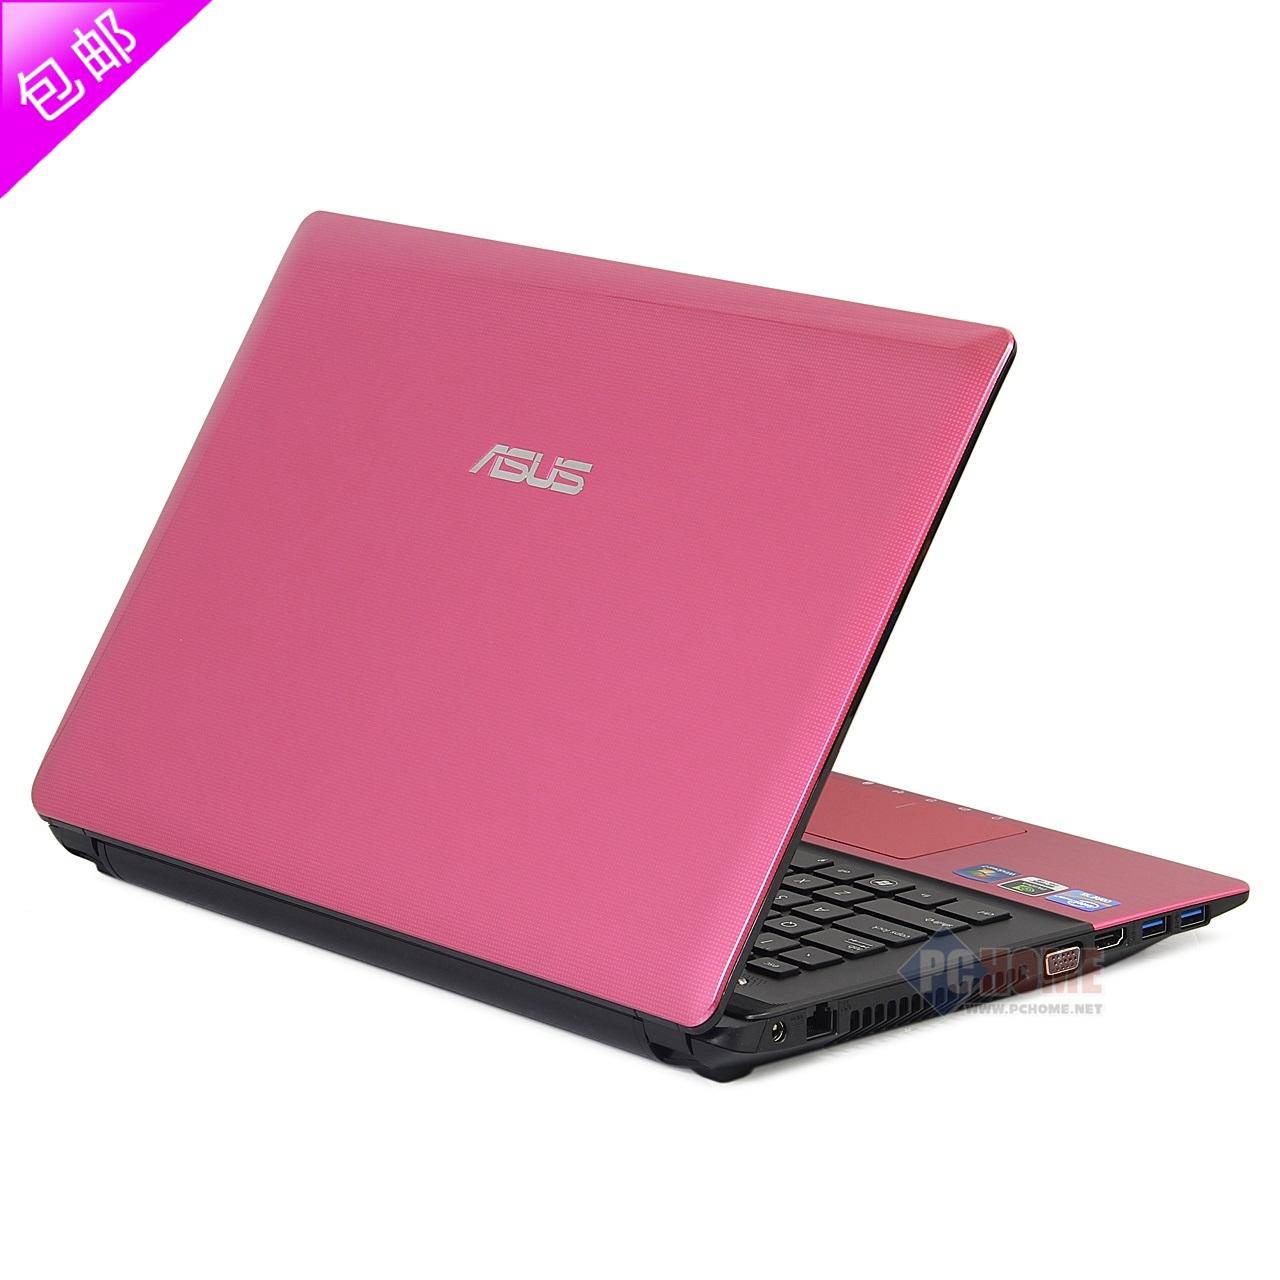 Asus/华硕 K45EI321VD-SL A45V A85V i7四核 独显2G 笔记本电脑